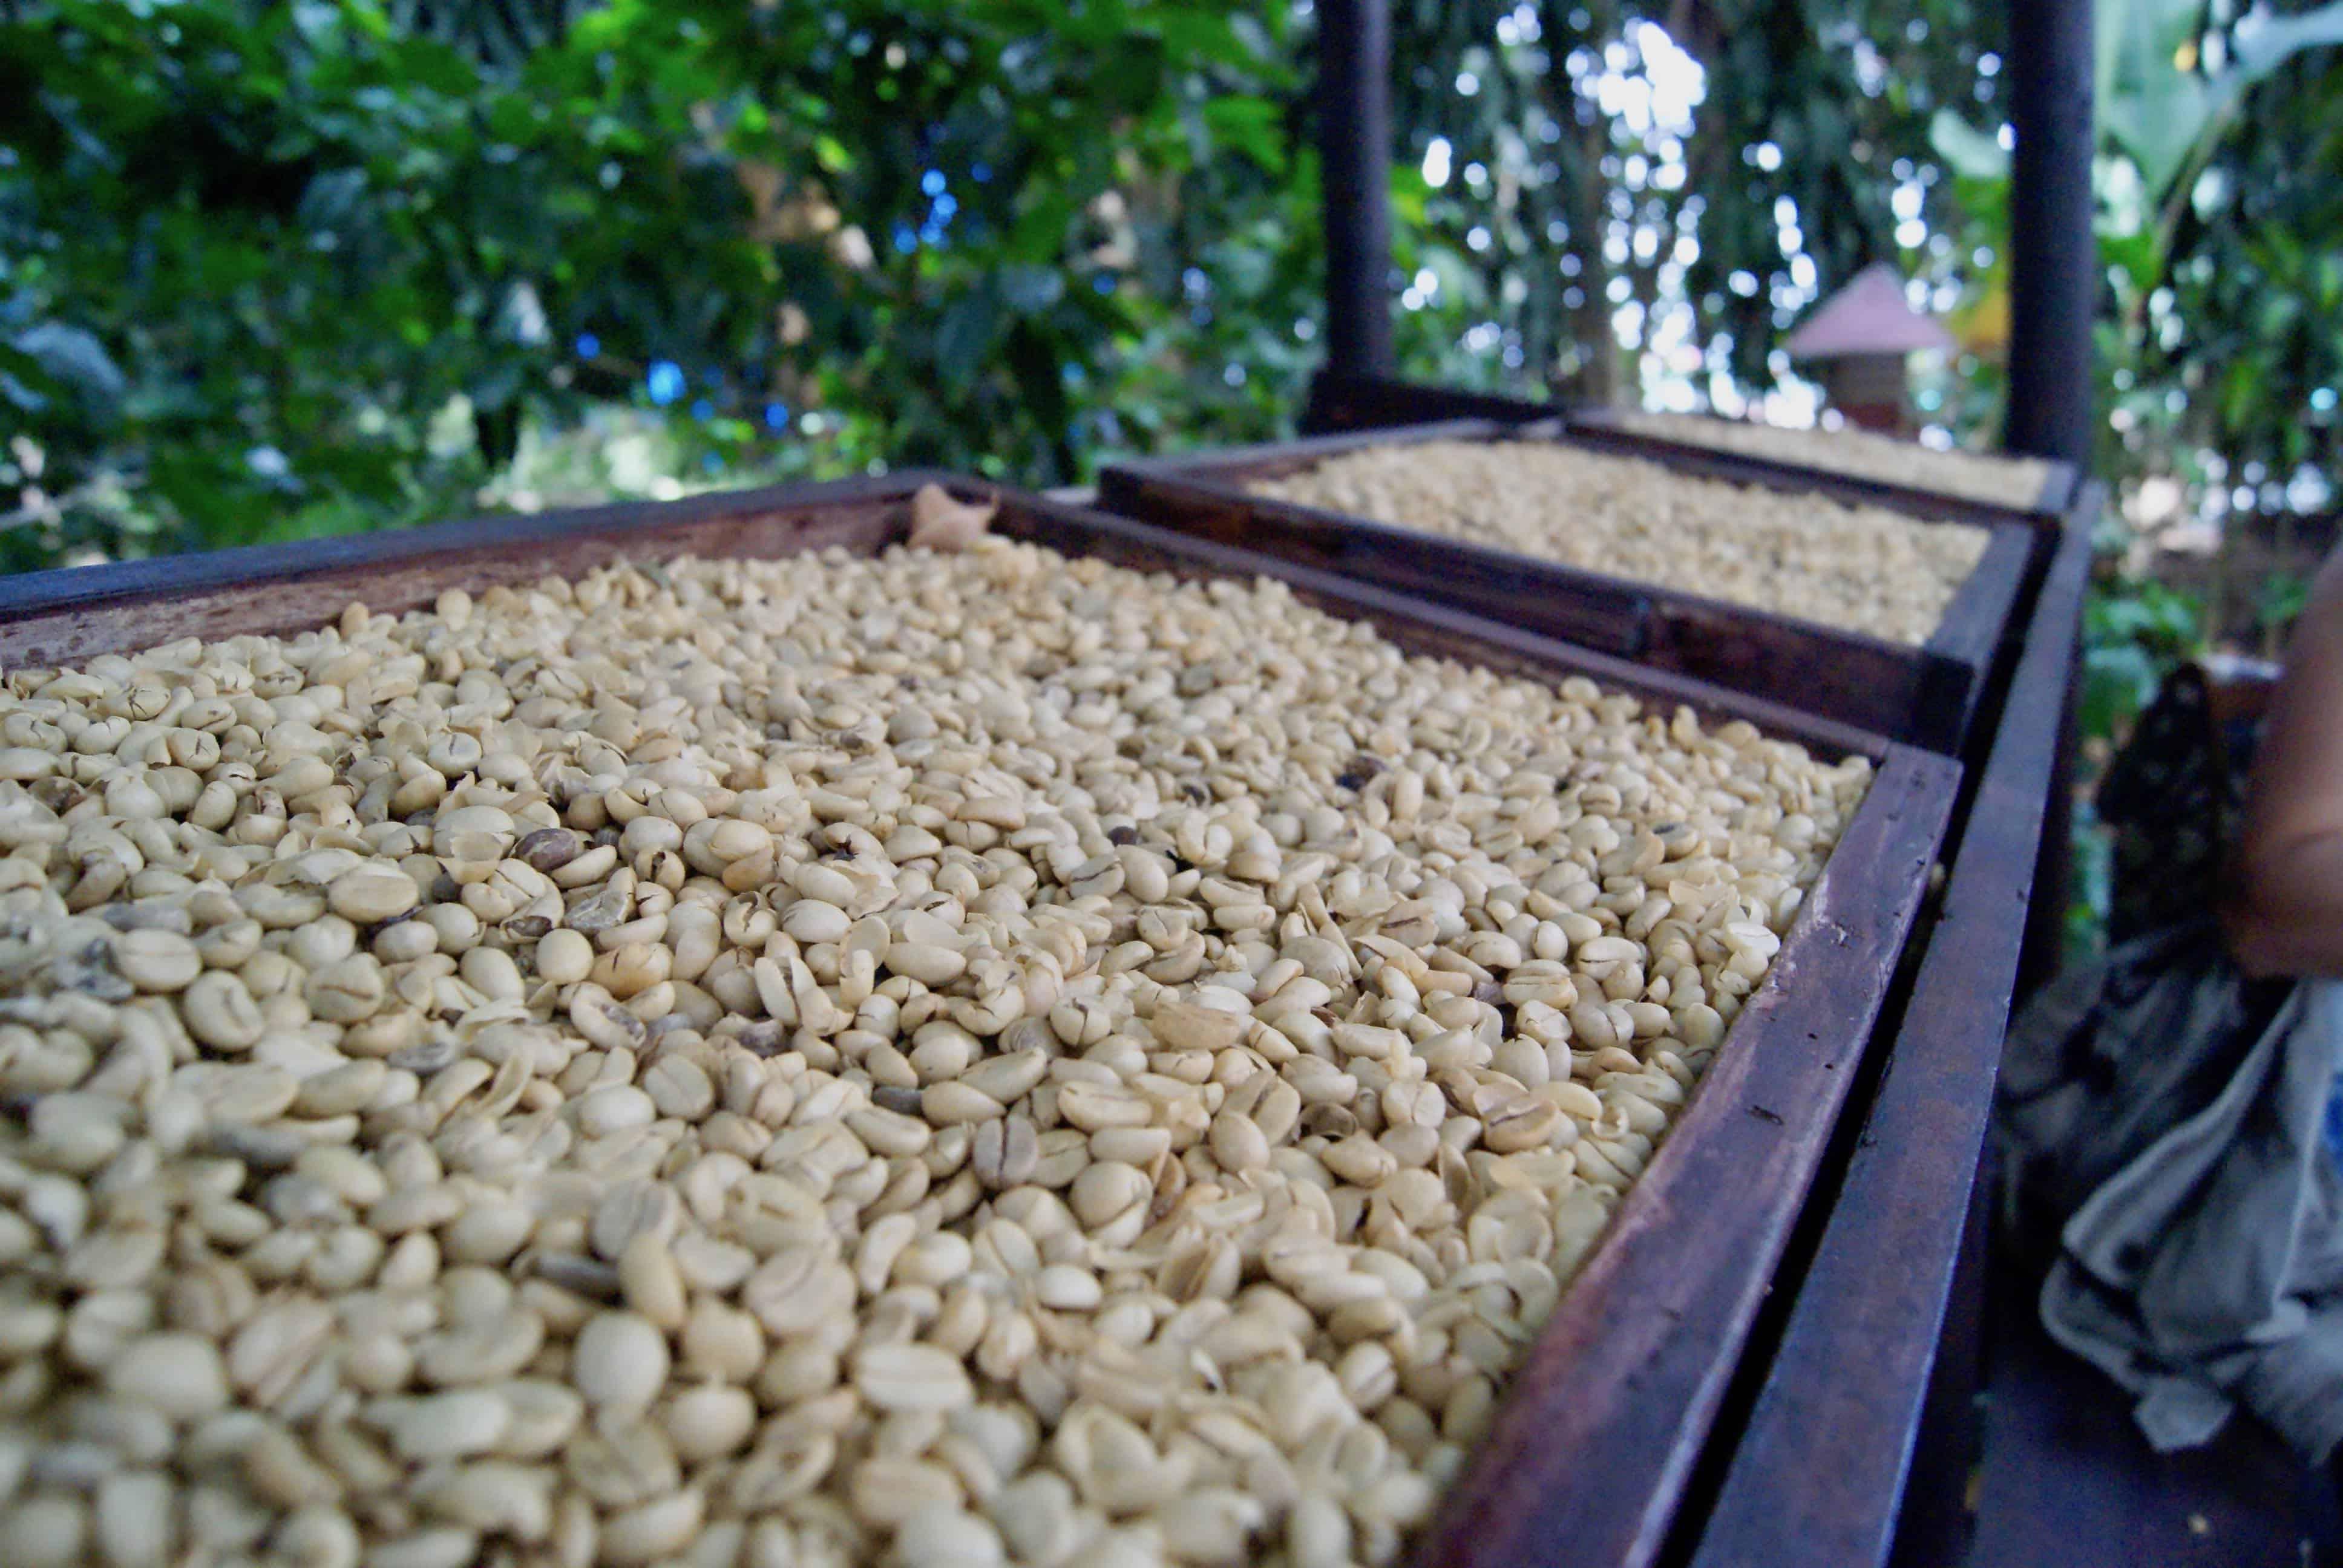 Unroasted coffee seeds.